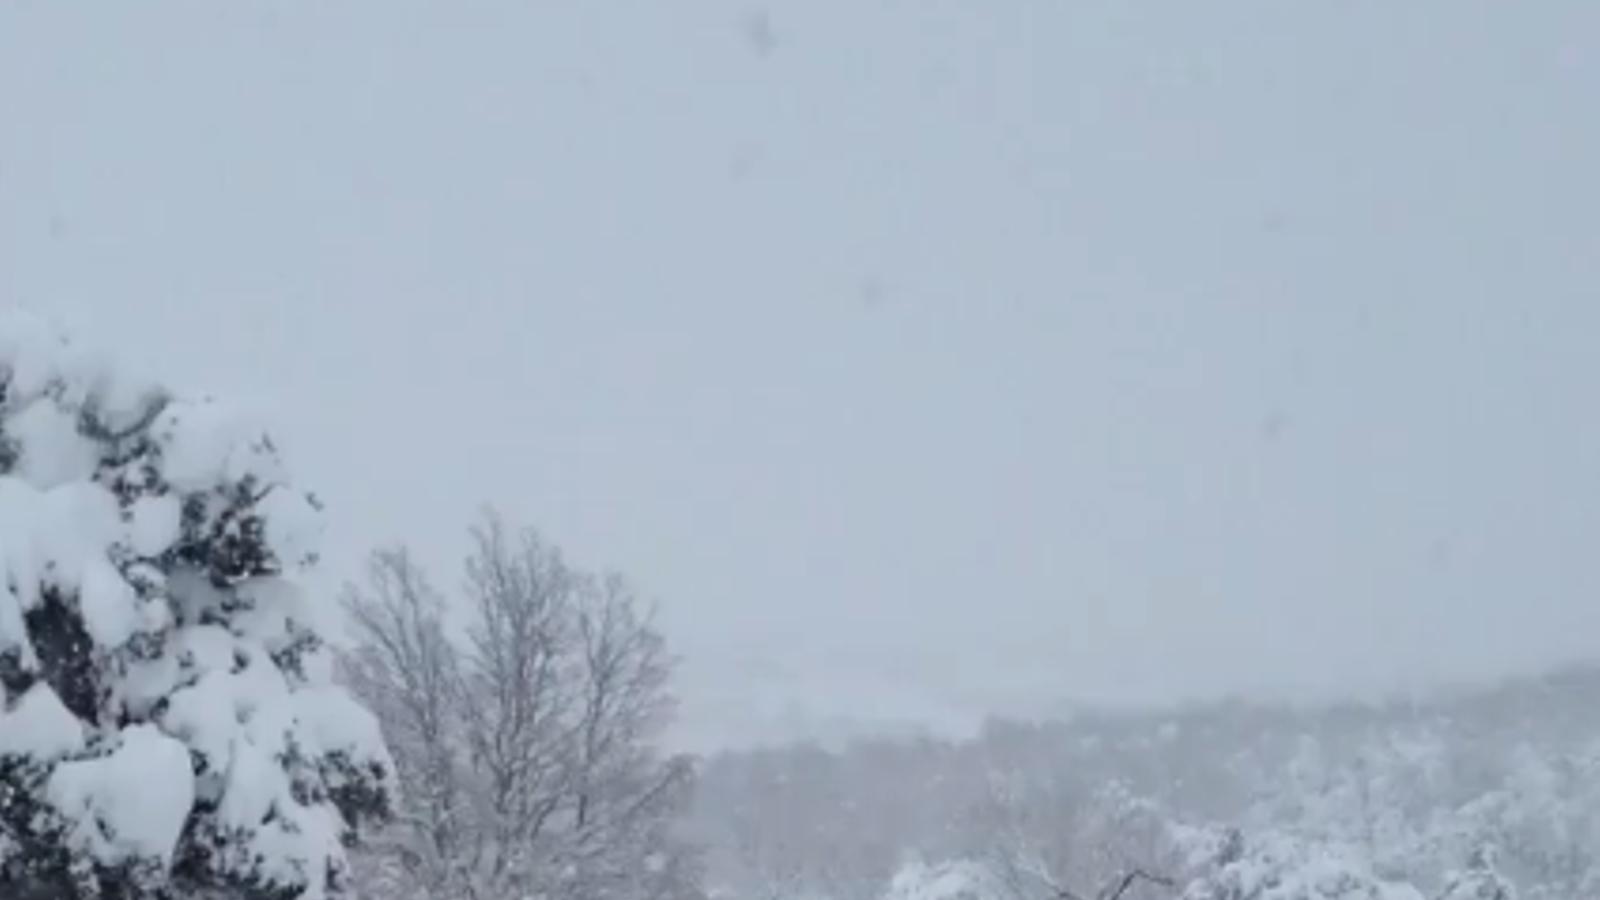 La neu emblanquina el Montseny i acumula gruixos històrics als Ports